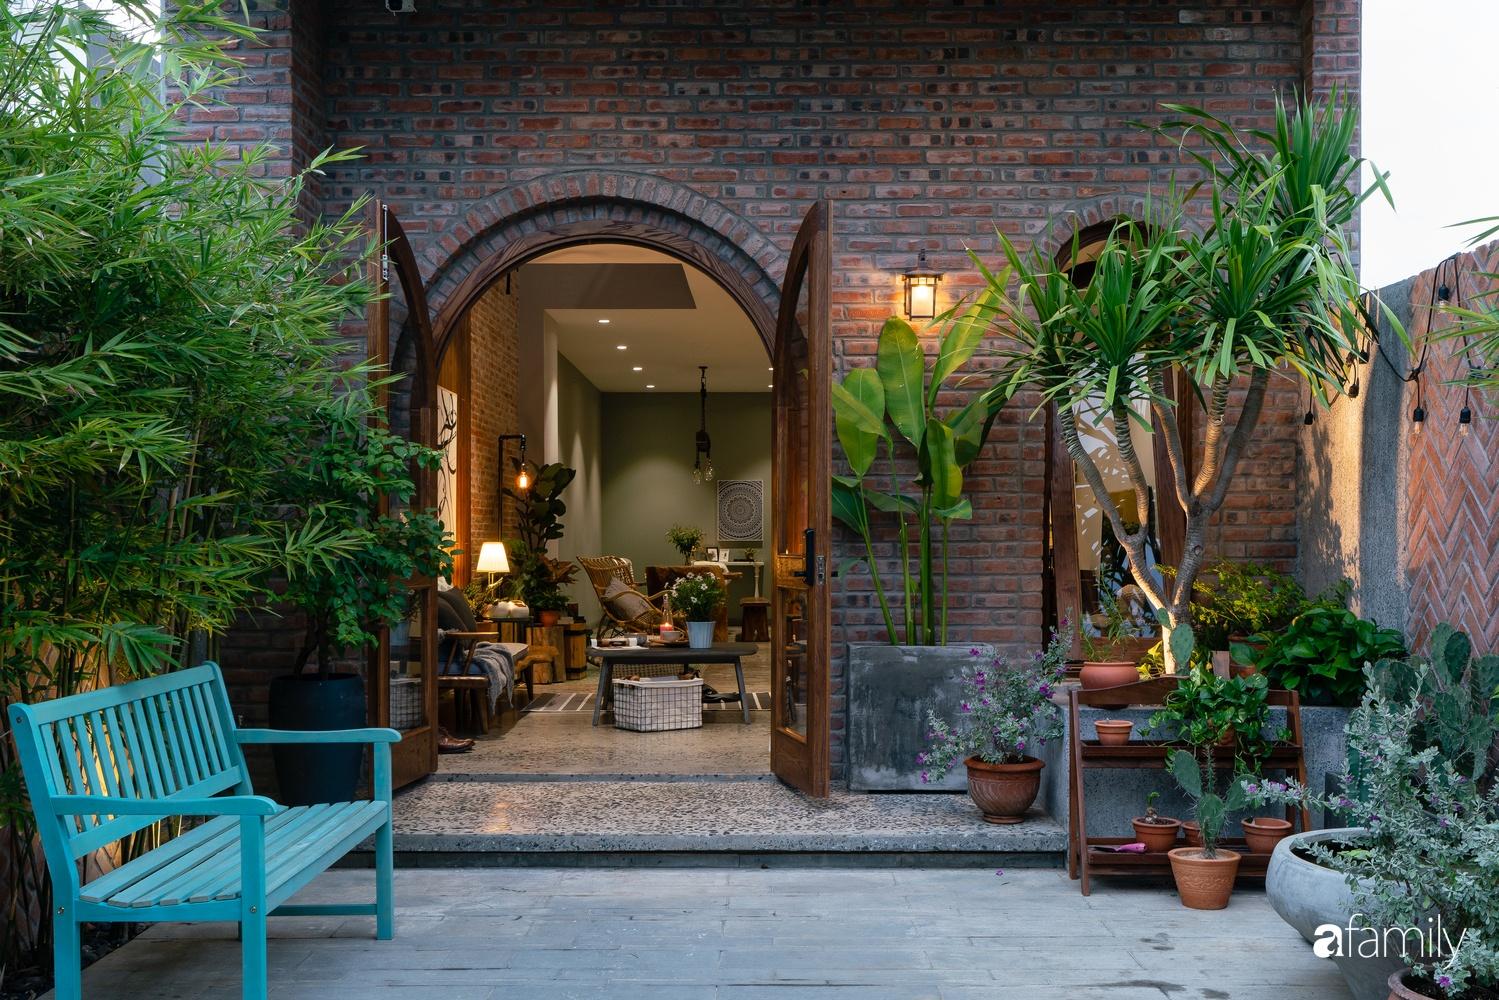 Ngôi nhà có kiến trúc độc đáo giàu tính nghệ thuật đẹp yên bình